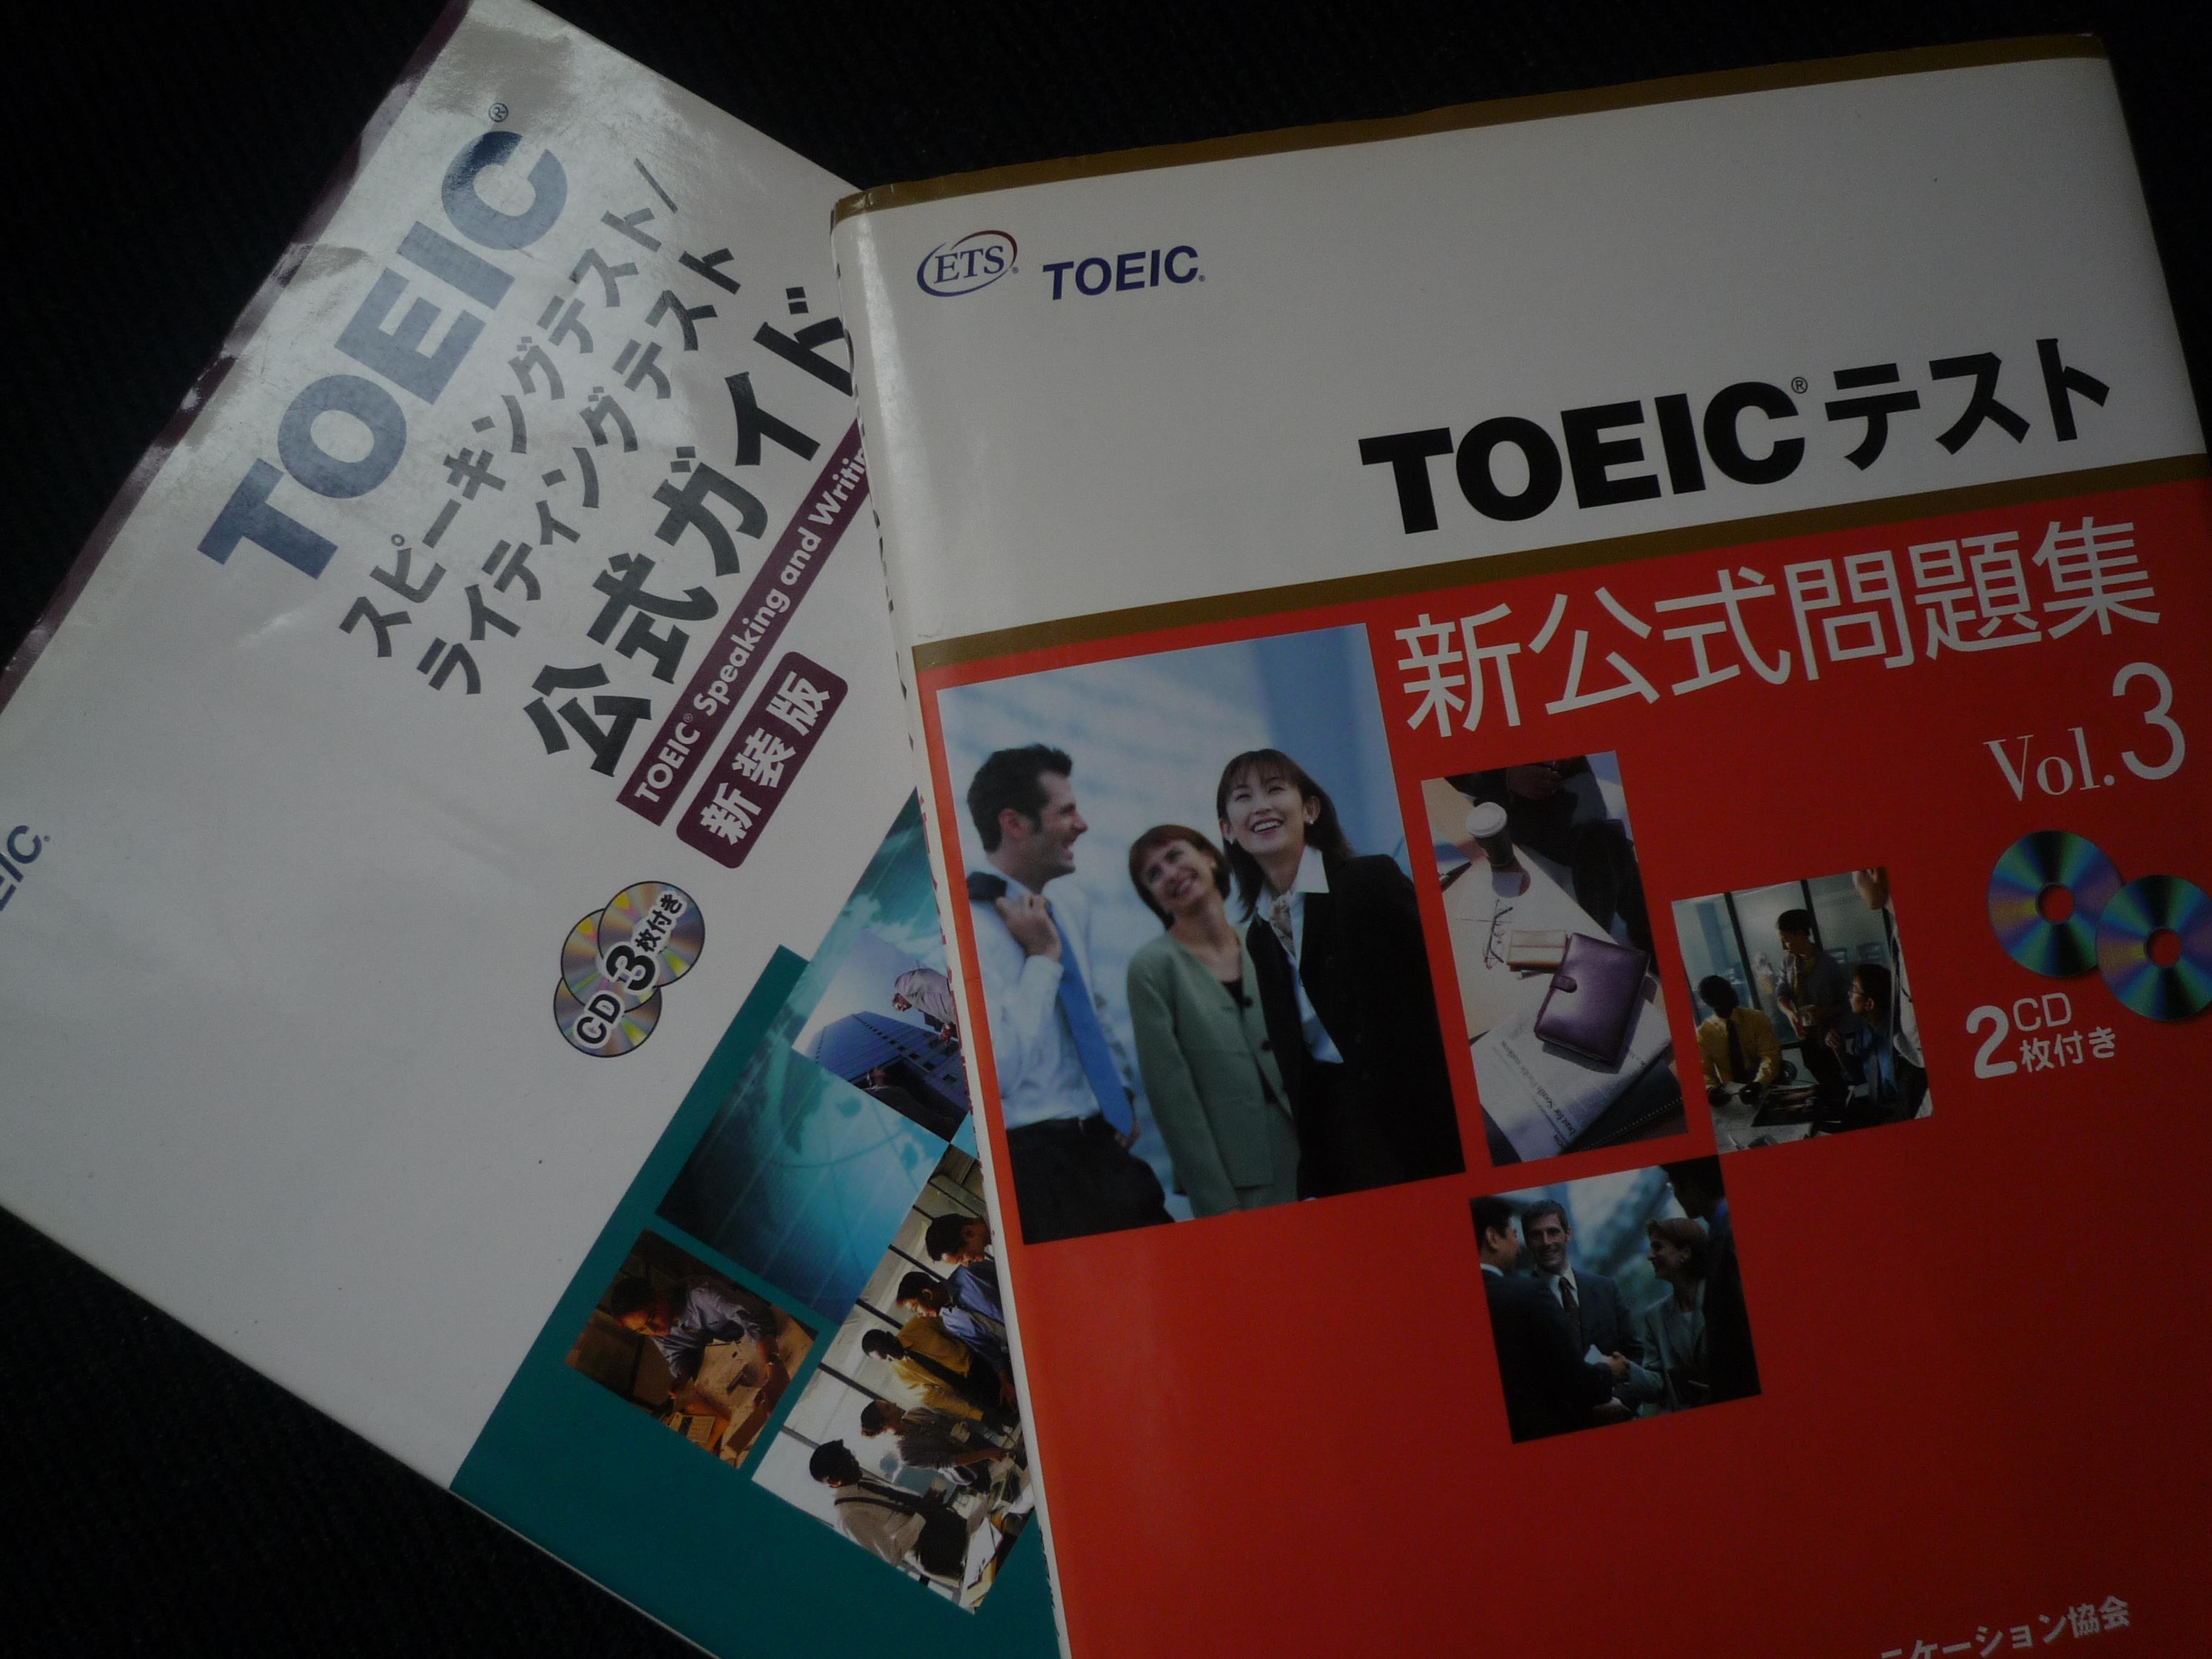 英語力を測る基準としてのTOEICの良さ 実力で受ける or フィリピン留学の準備として①